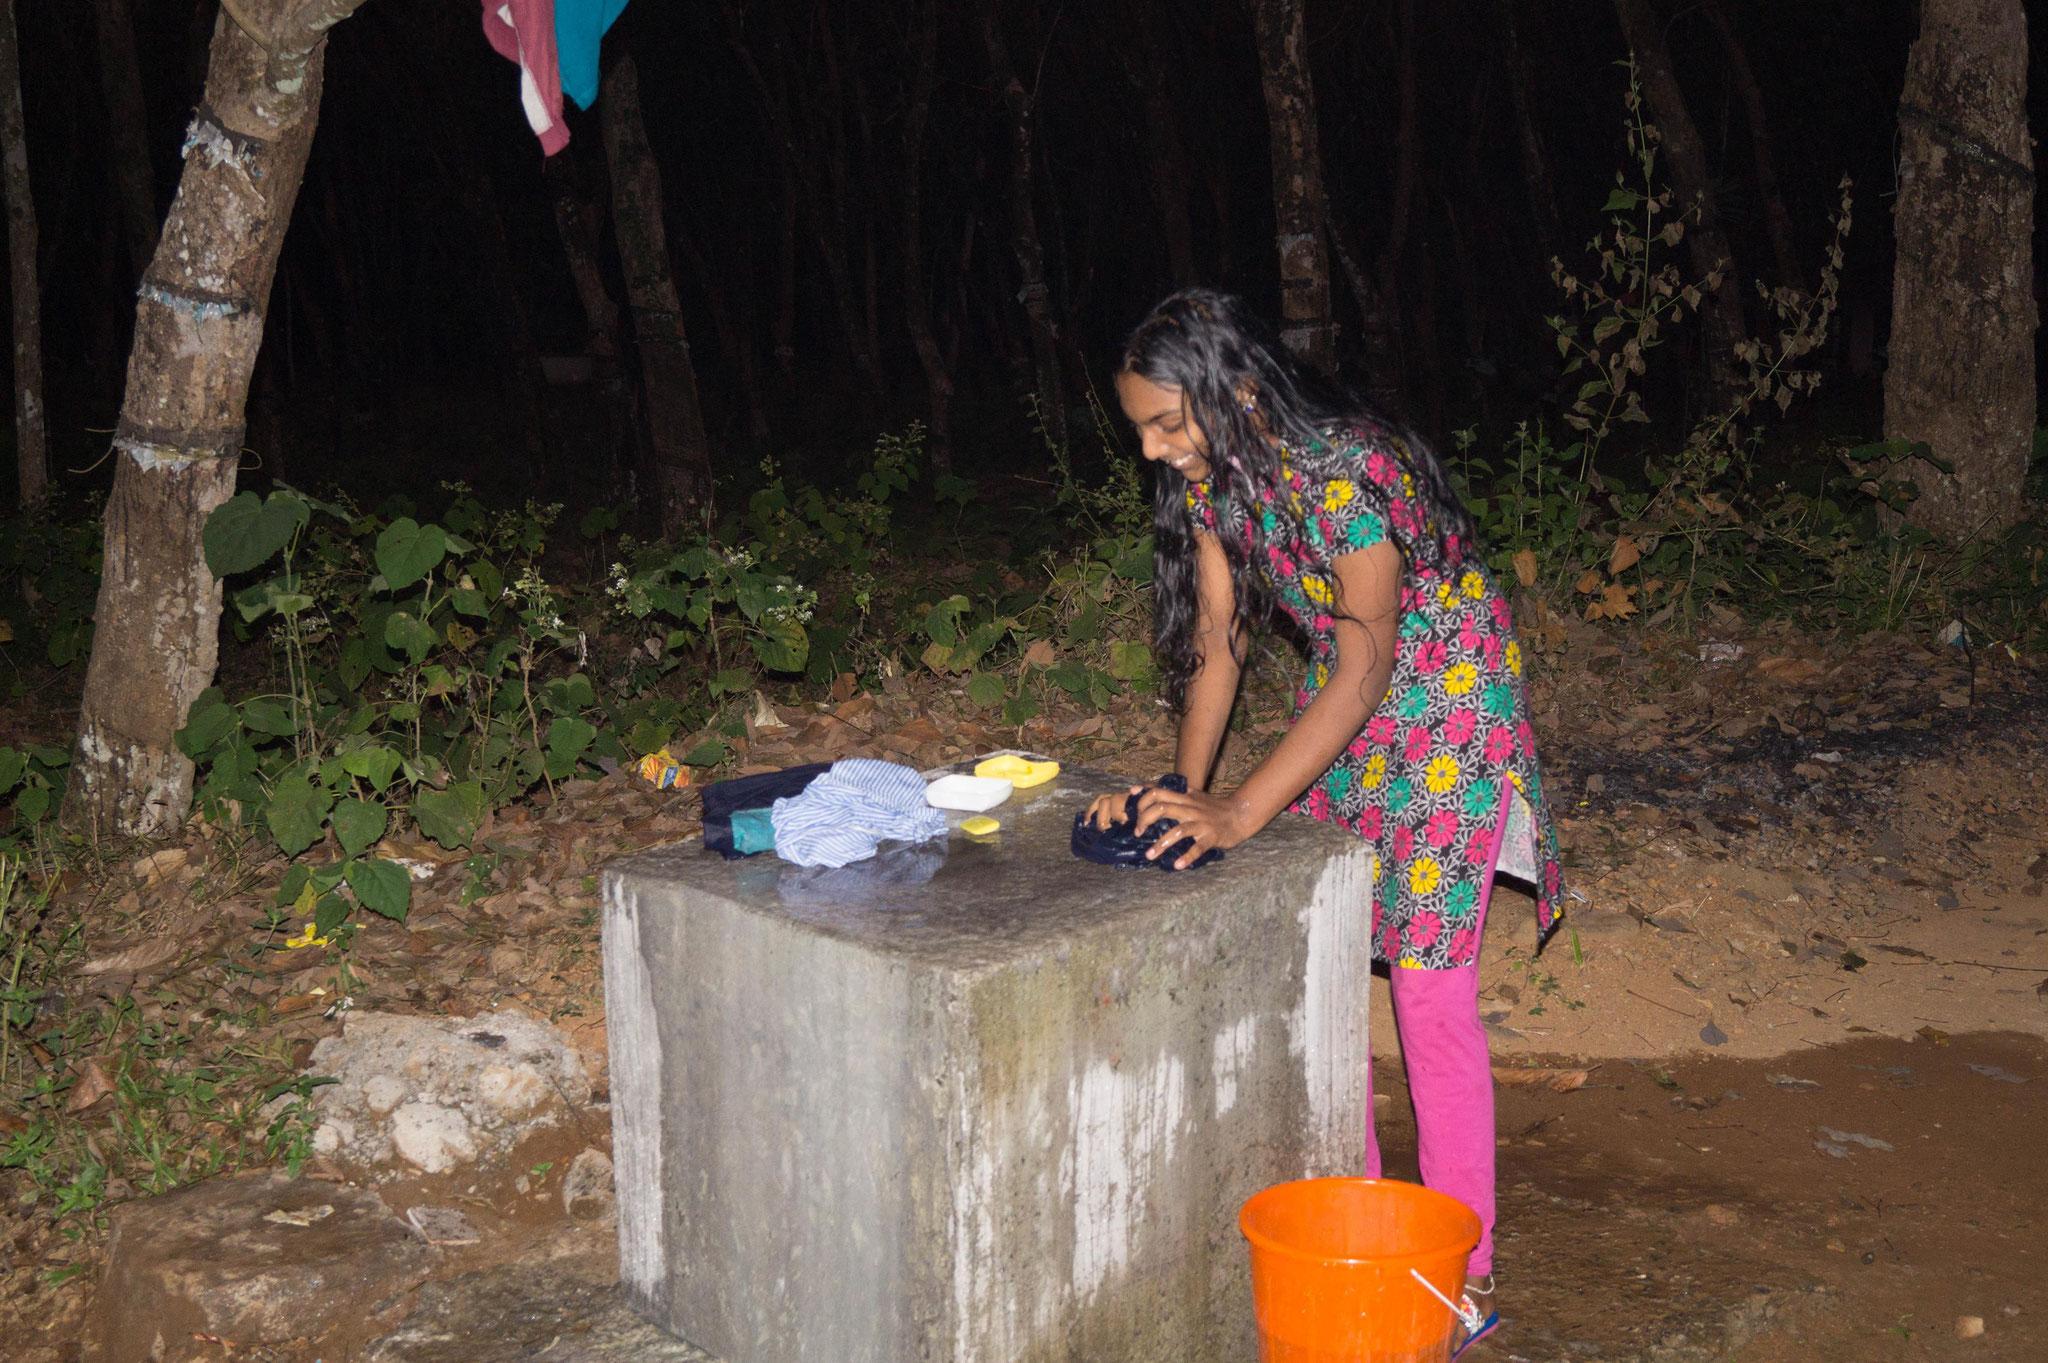 Ein Mädchen aus einem Hostel bei der Kleiderwäsche. Foto: Johannes Wildner